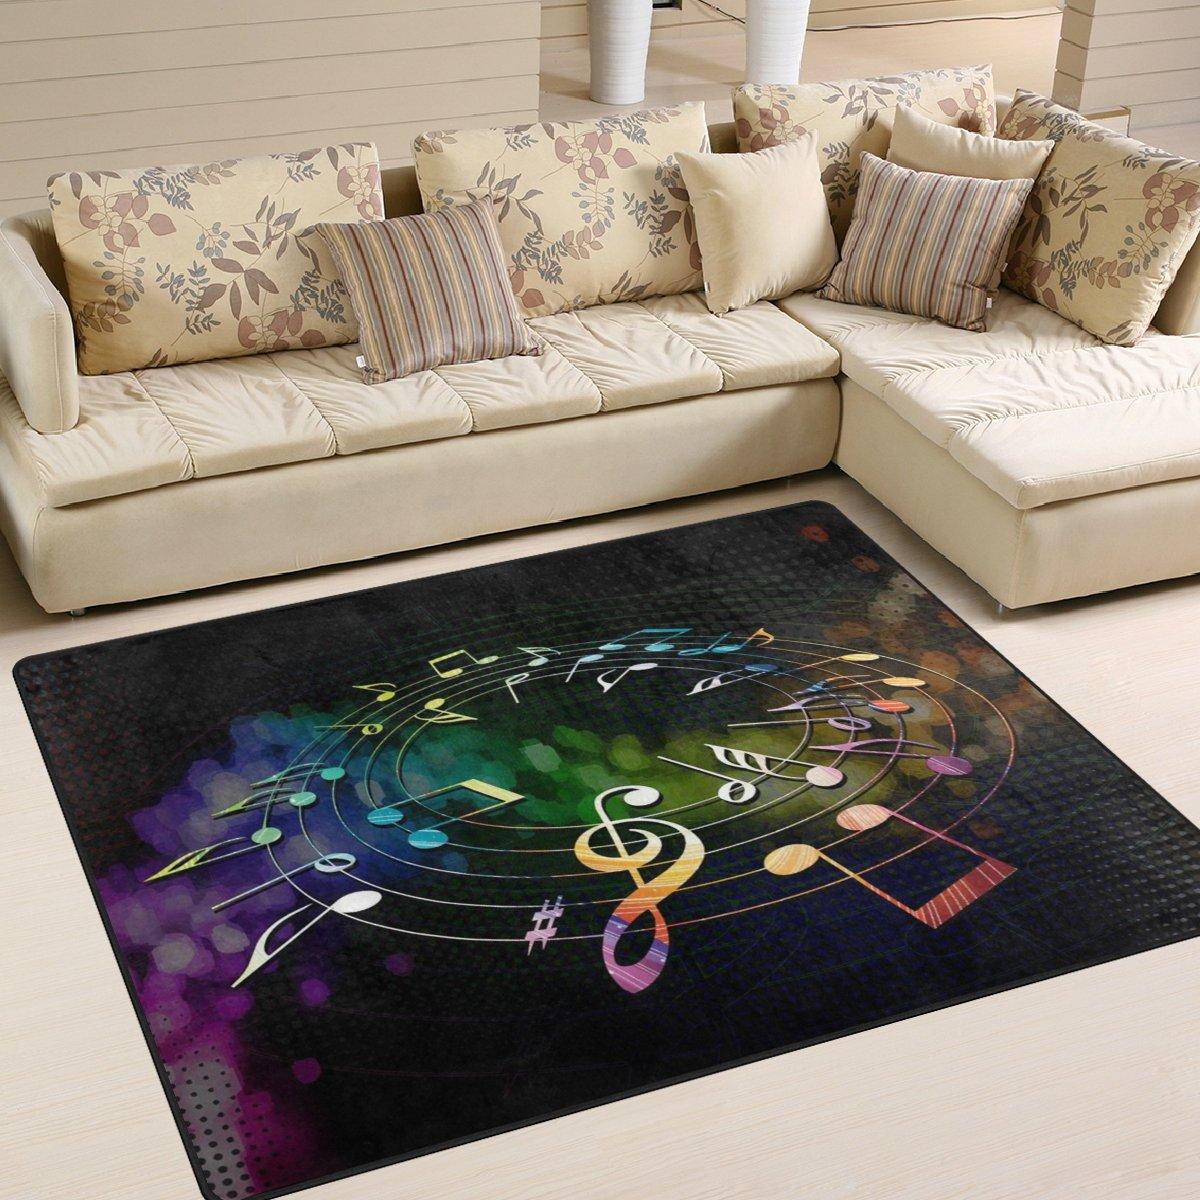 ingbags Super Weiche Moderne Musik Noten, ein Wohnzimmer Teppiche Teppich Schlafzimmer Teppich für Kinder Play massiv Home Decorator Boden Teppich und Teppiche 160x 121,9cm, multi, 80 x 58 Inch